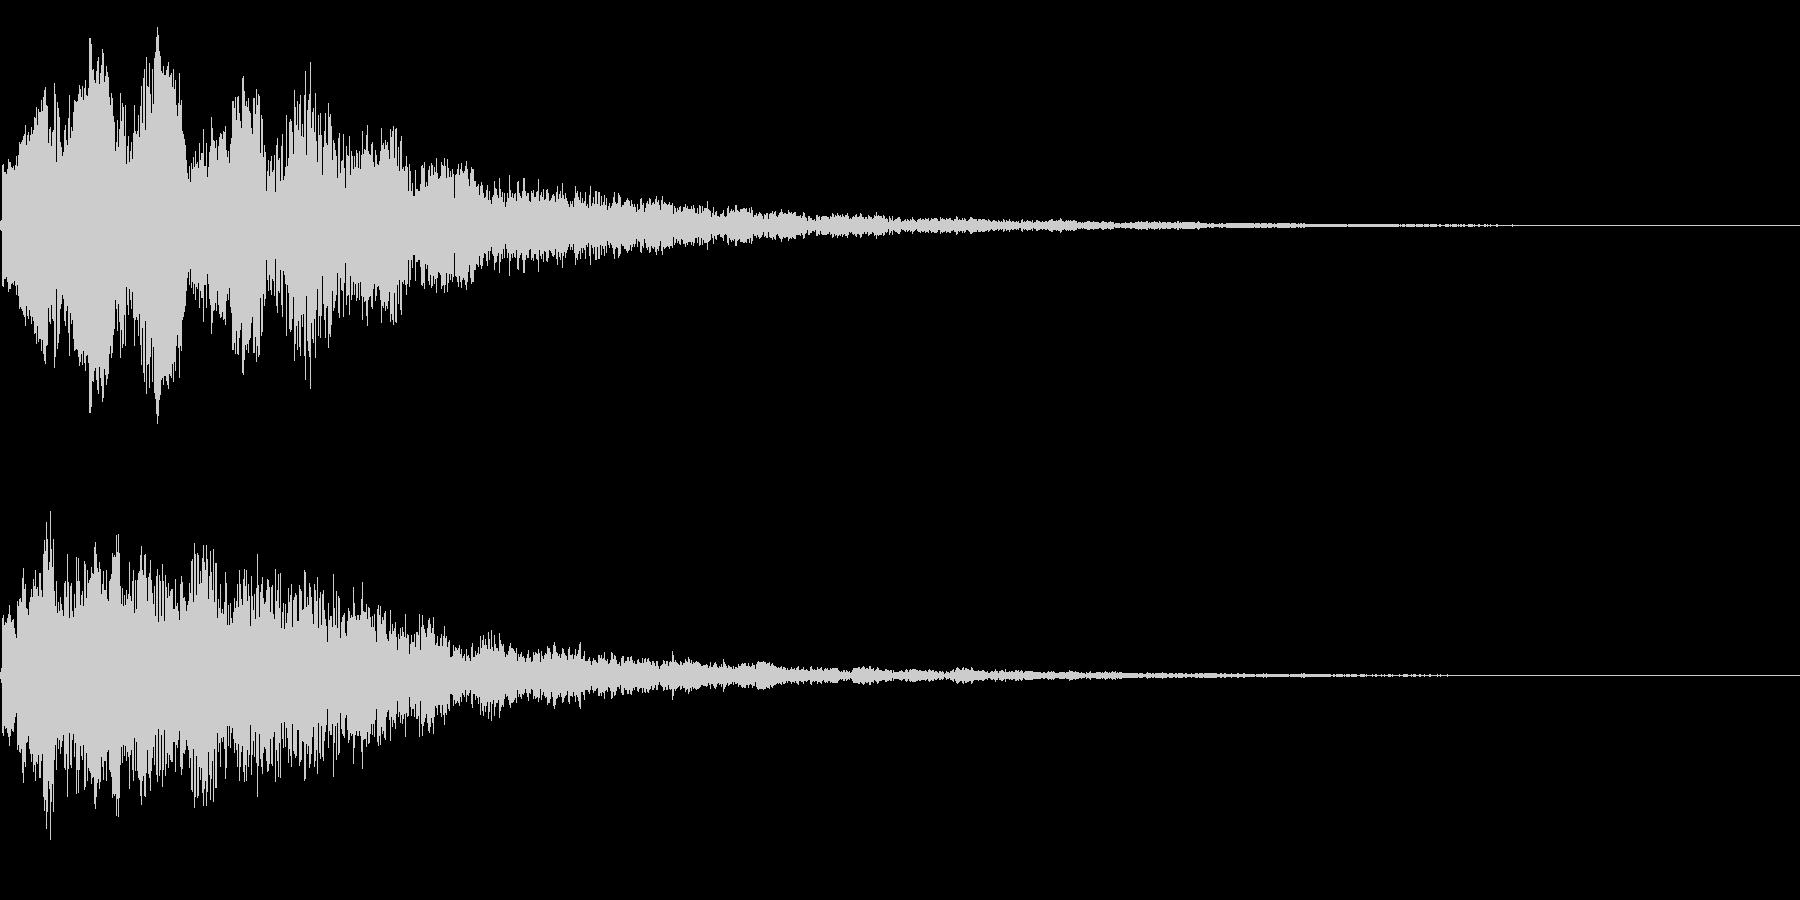 キラーン(星、光、魔法、テロップ等)03の未再生の波形